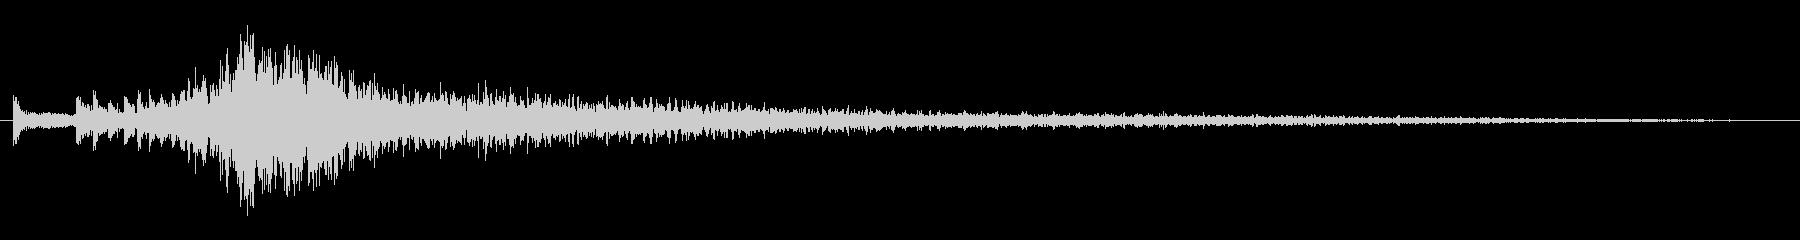 ホラー ピアノトゥワンアクセラレート01の未再生の波形